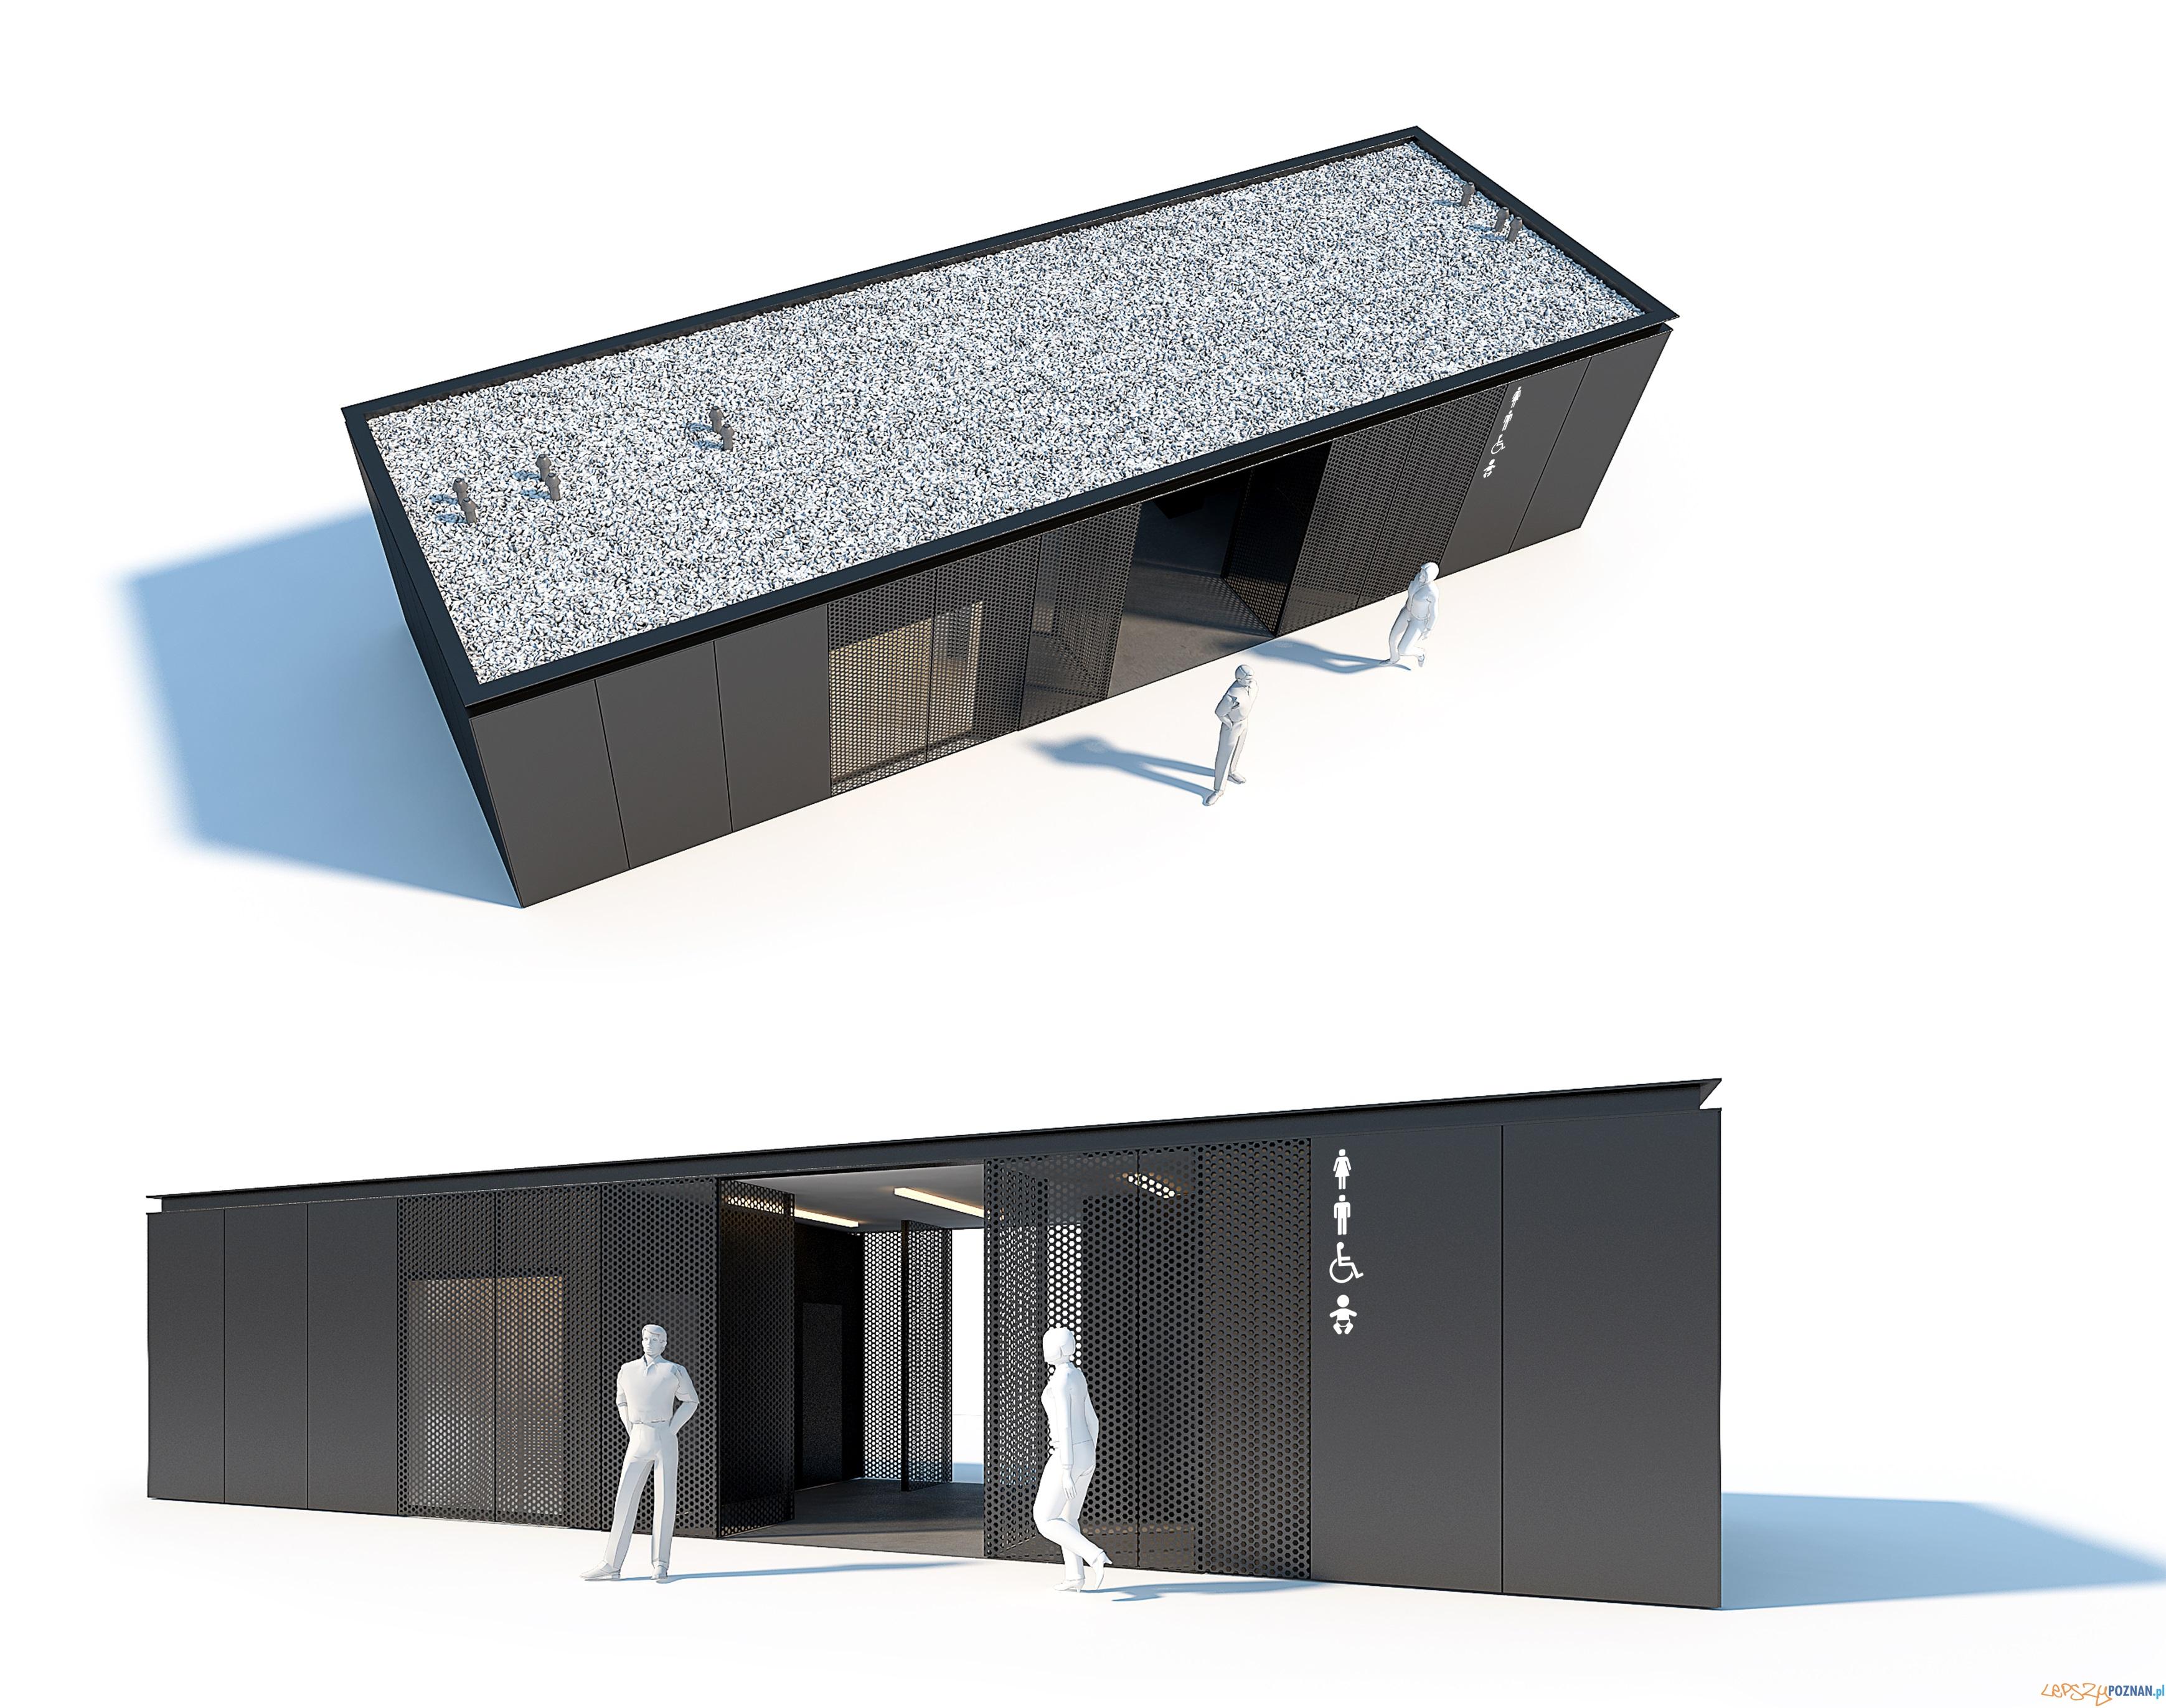 Konkurs na koncepcję architektoniczną węzłów przesiadkowych Poznańskiej Kolei Metropolitalnej rozstrzygnięty